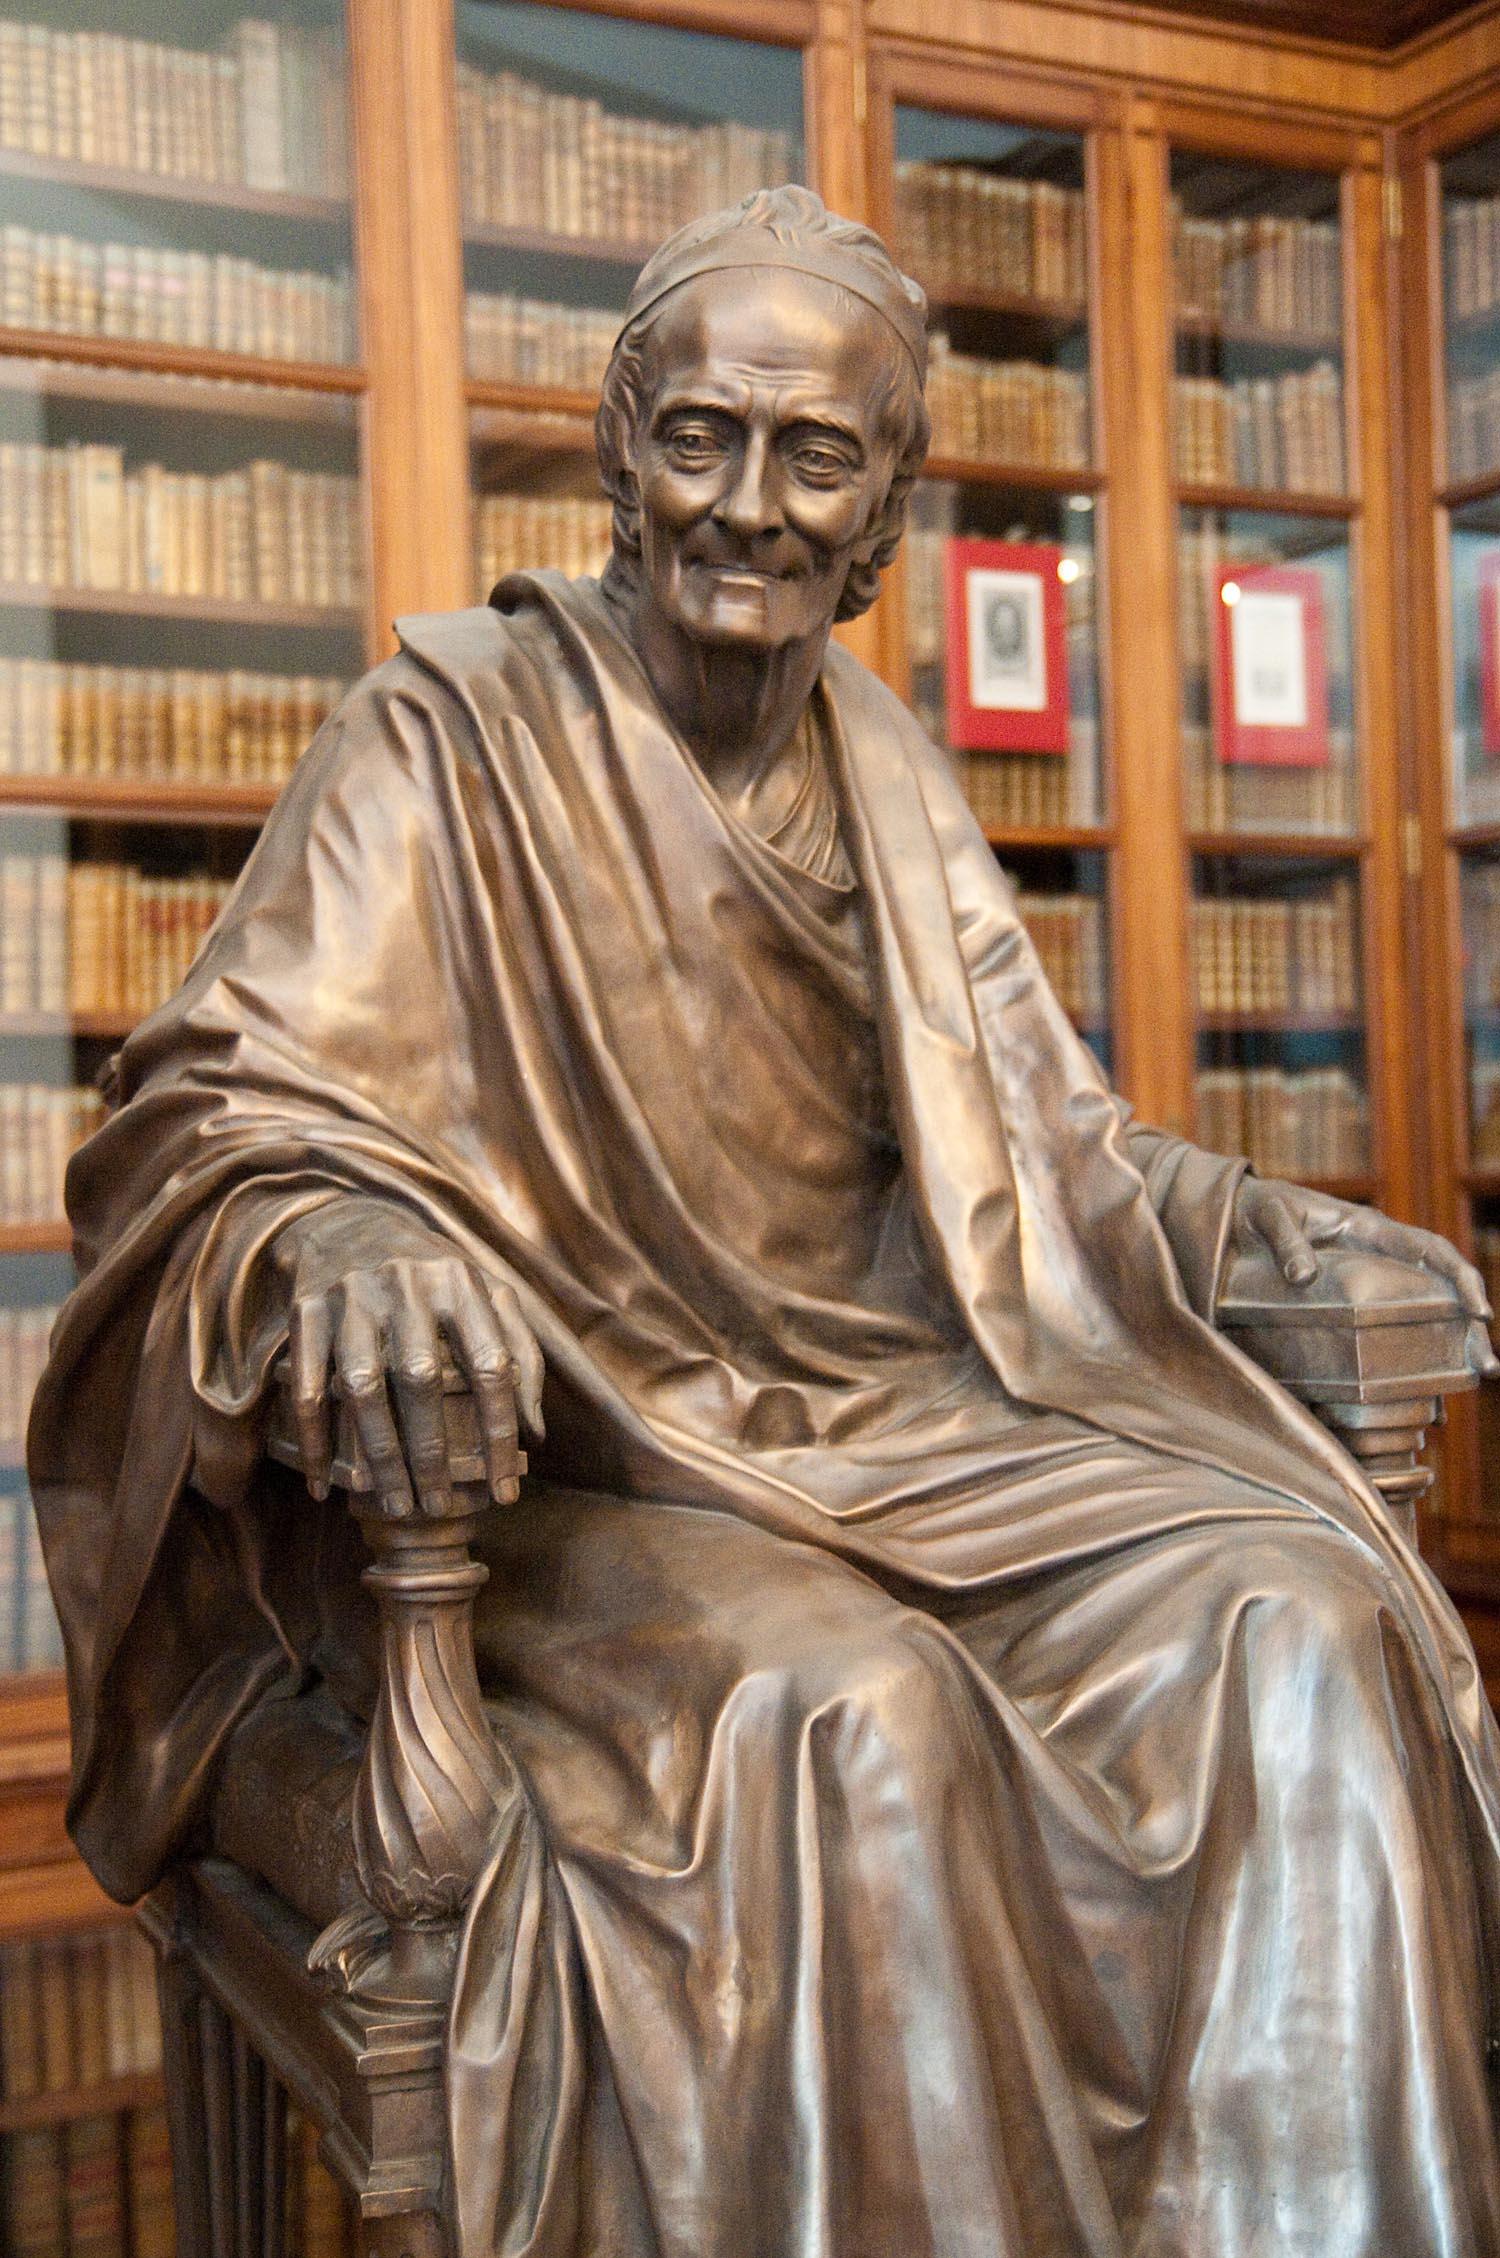 Вольтер. Статуя в Вольтеровской библиотеке